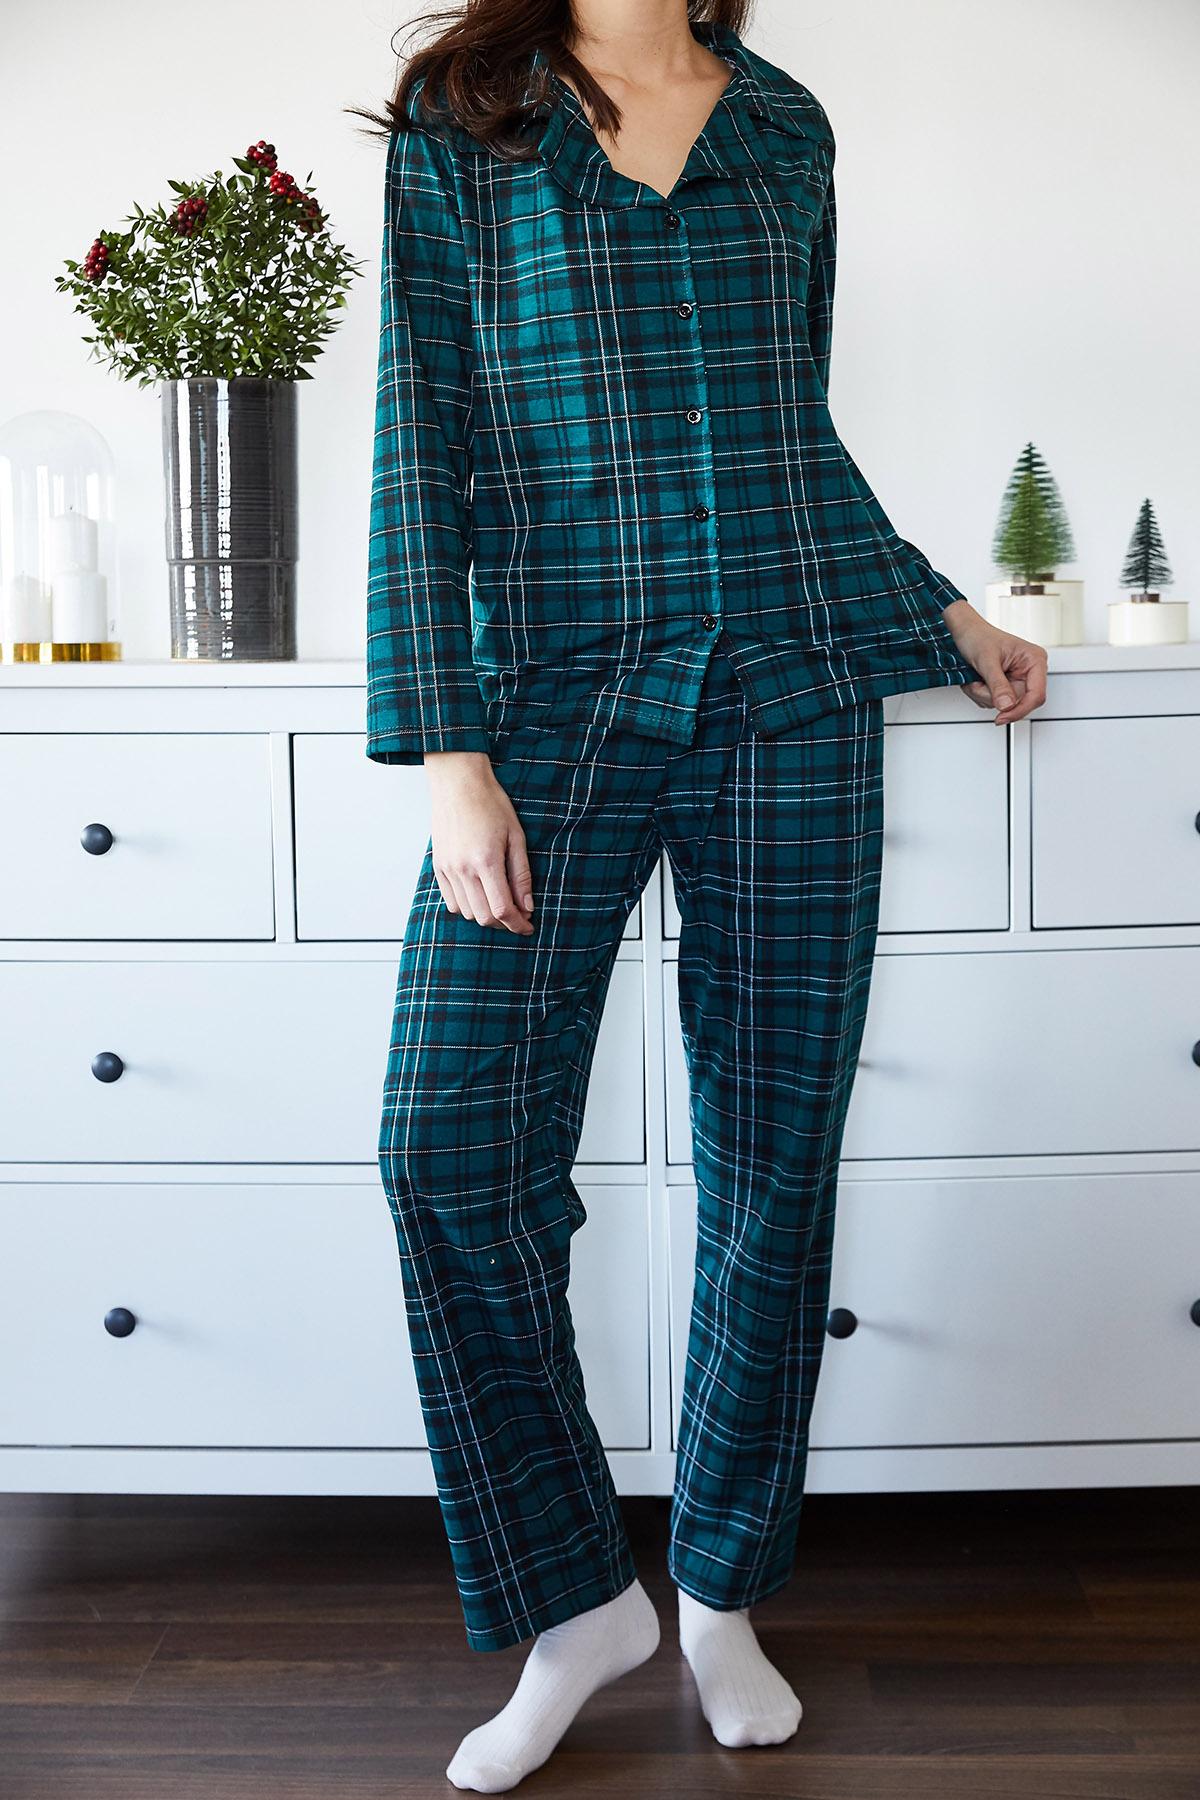 Zümrüt Yeşili Kareli Örme Pijama Takımı 1KXK8-44700-44 - Thumbnail